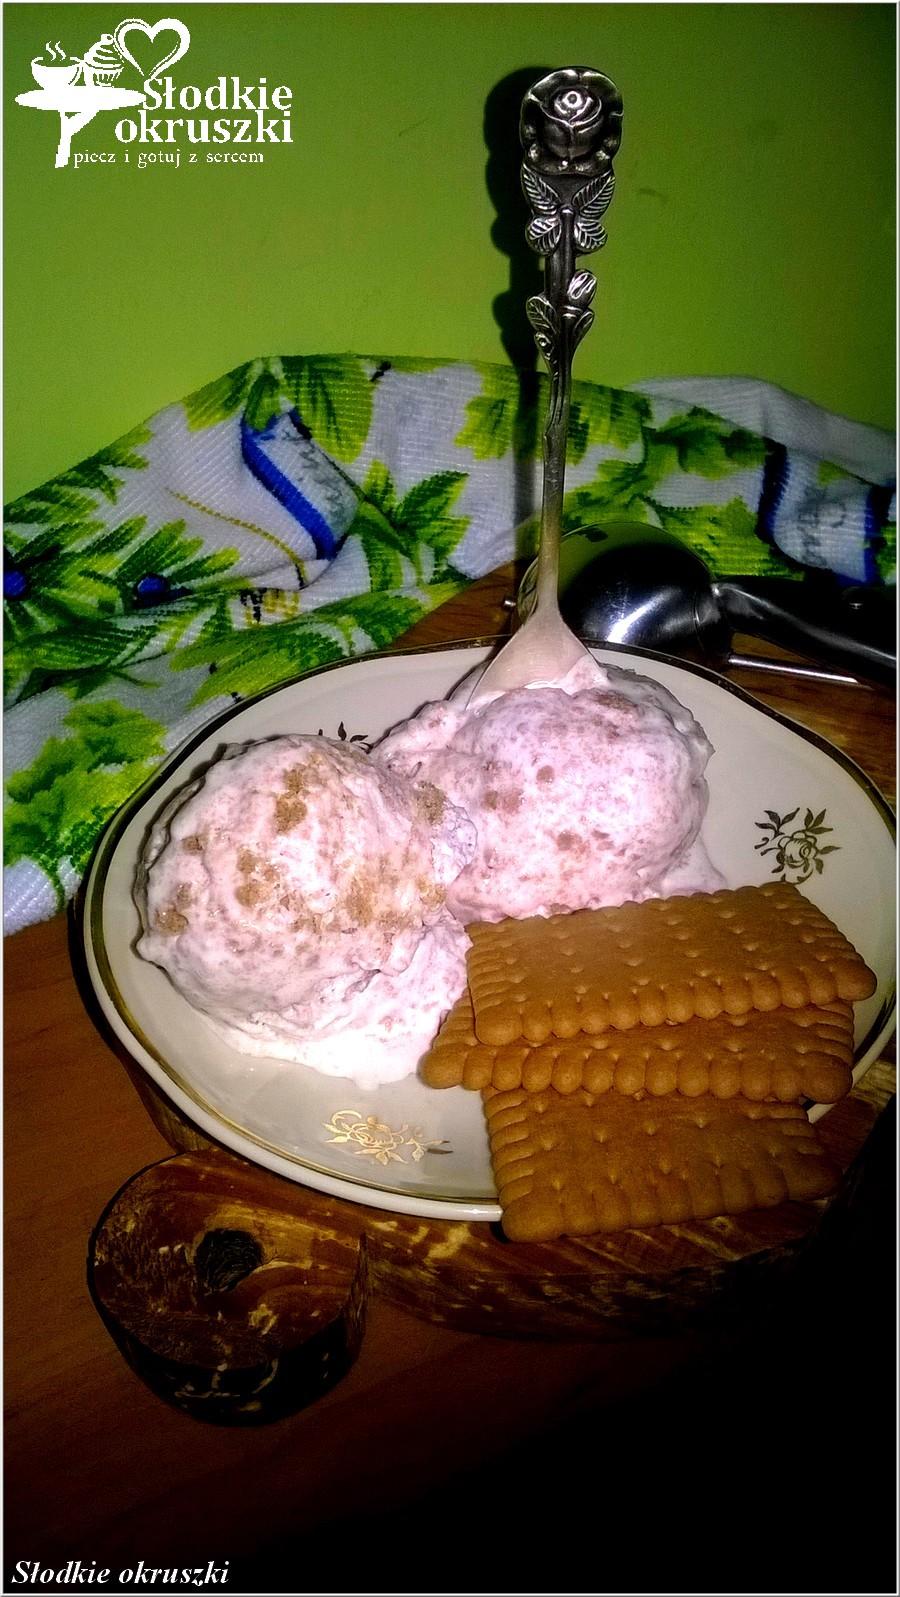 Ciasteczkowe lody domowe. Przepis na lody bez maszynki, bez jajek. (1)